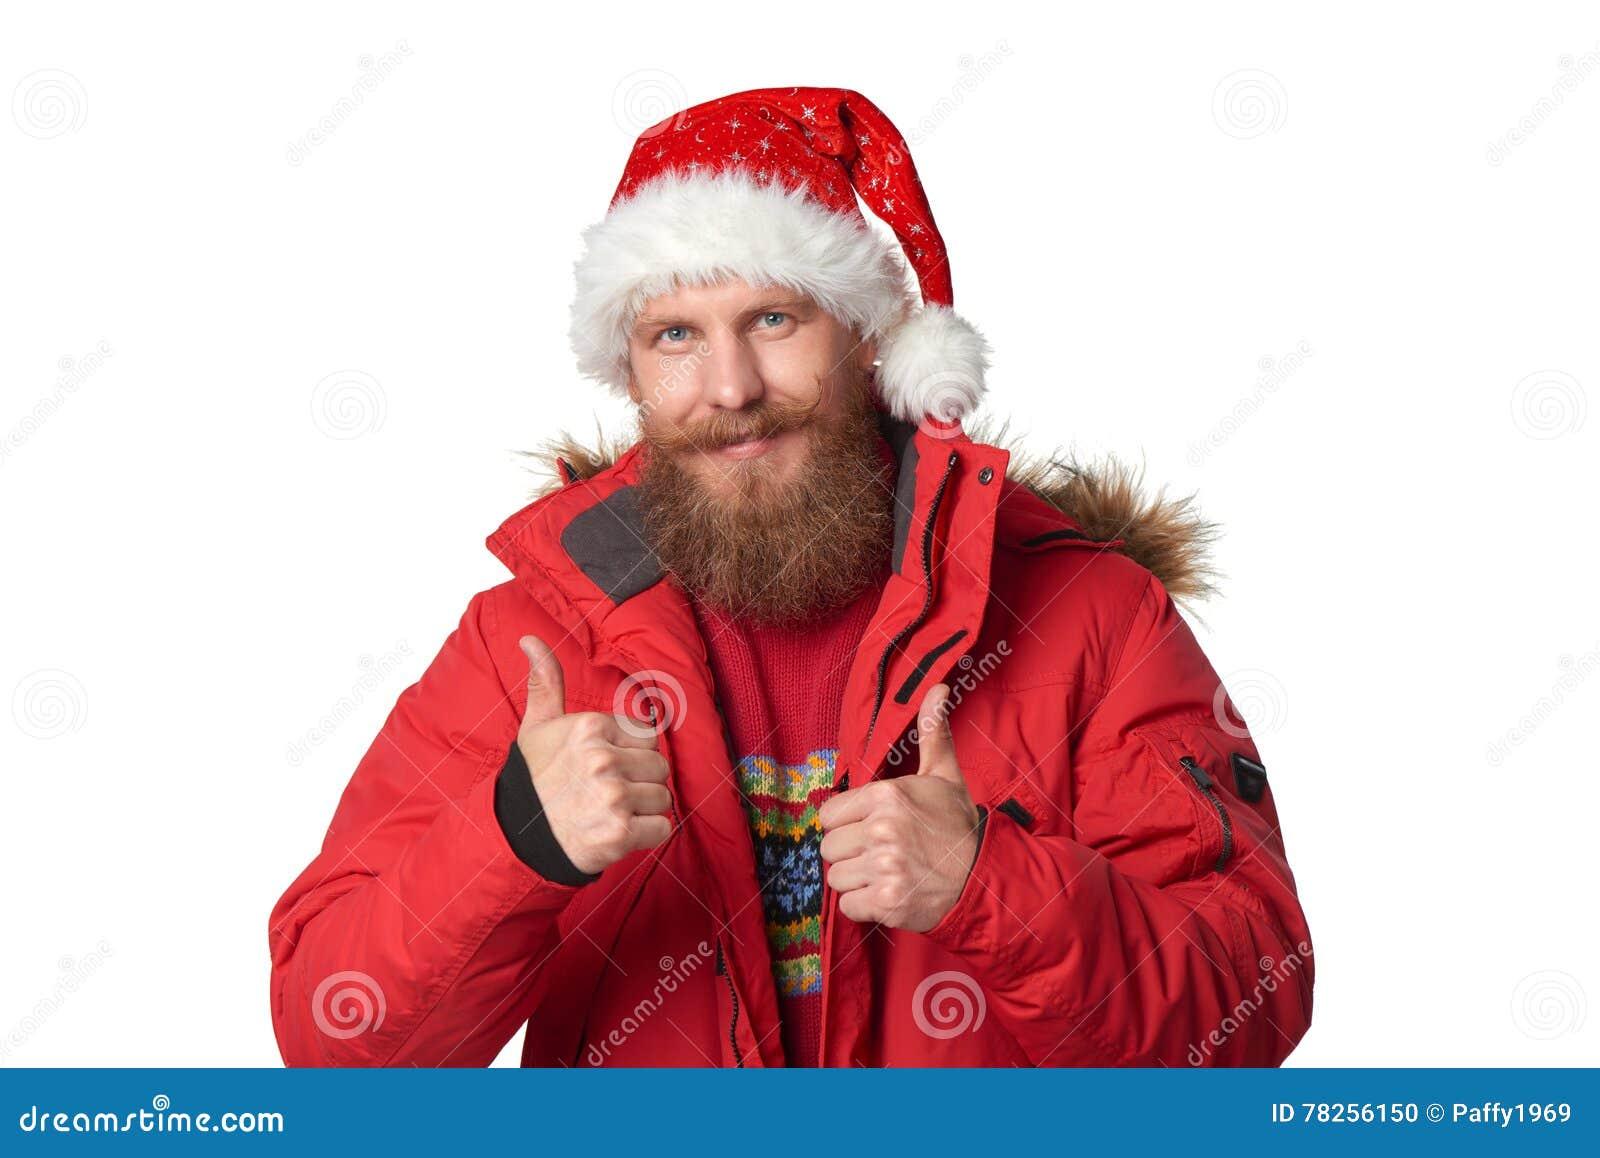 Φωτεινή εικόνα του όμορφου ατόμου στο καπέλο Χριστουγέννων